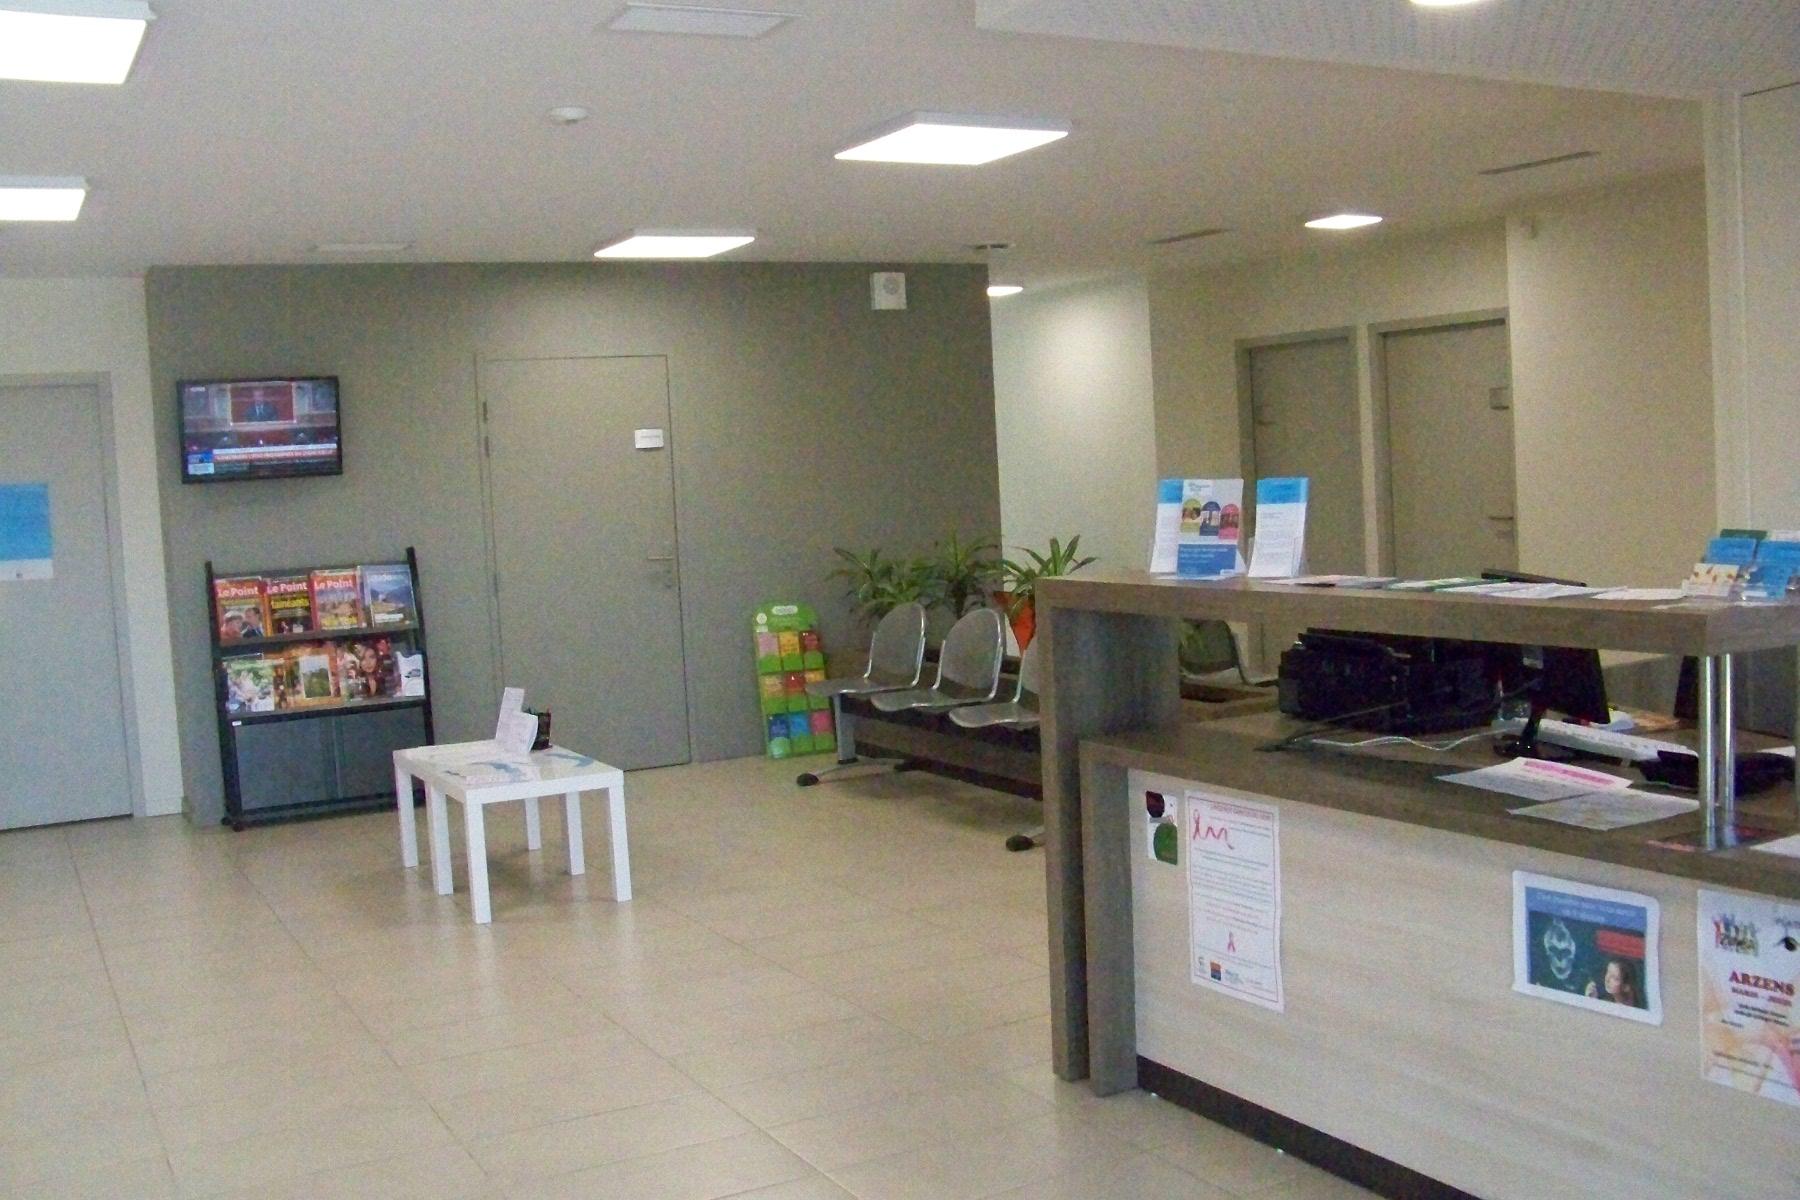 Accueil centre médical d'Arzens